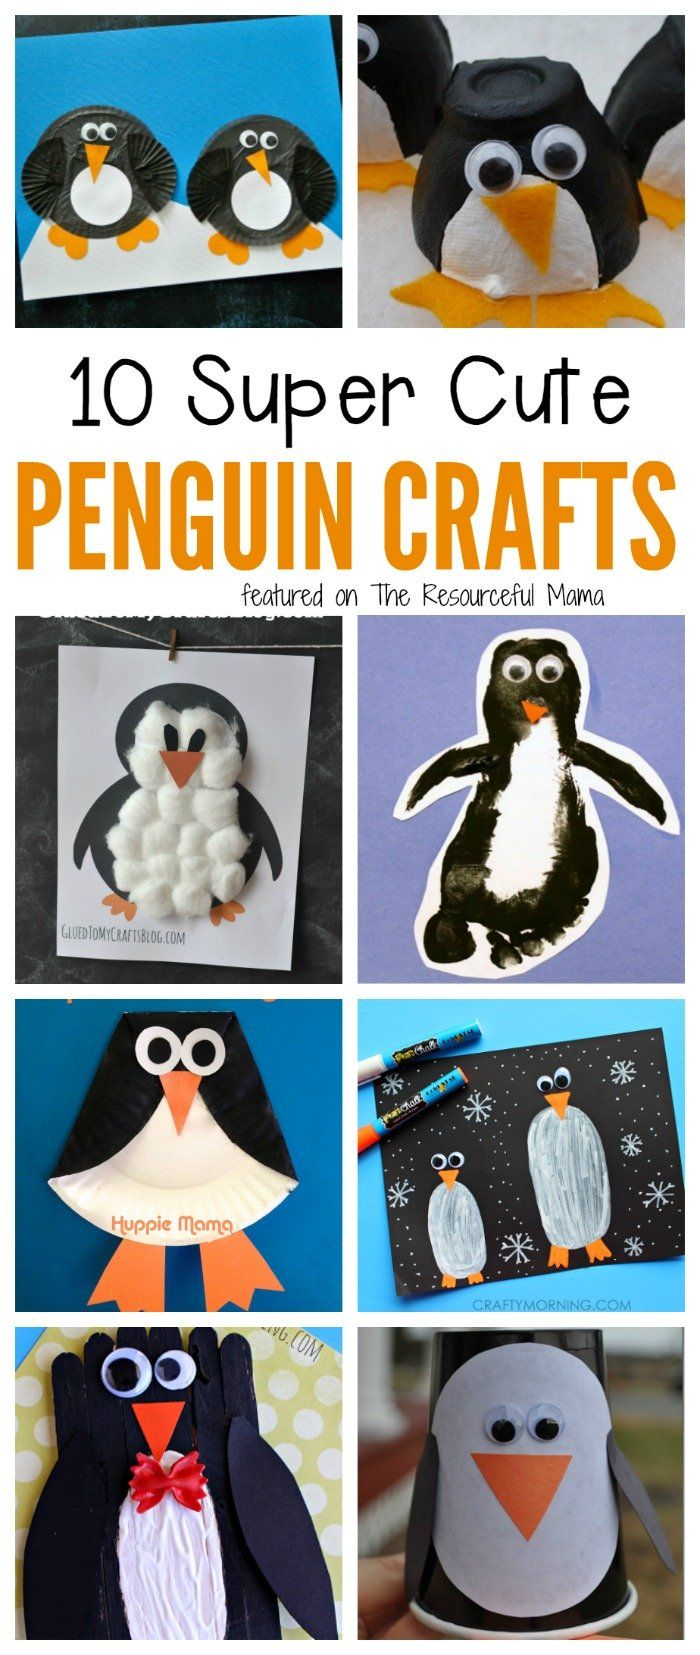 Top Ten Penguin Crafts for Kids